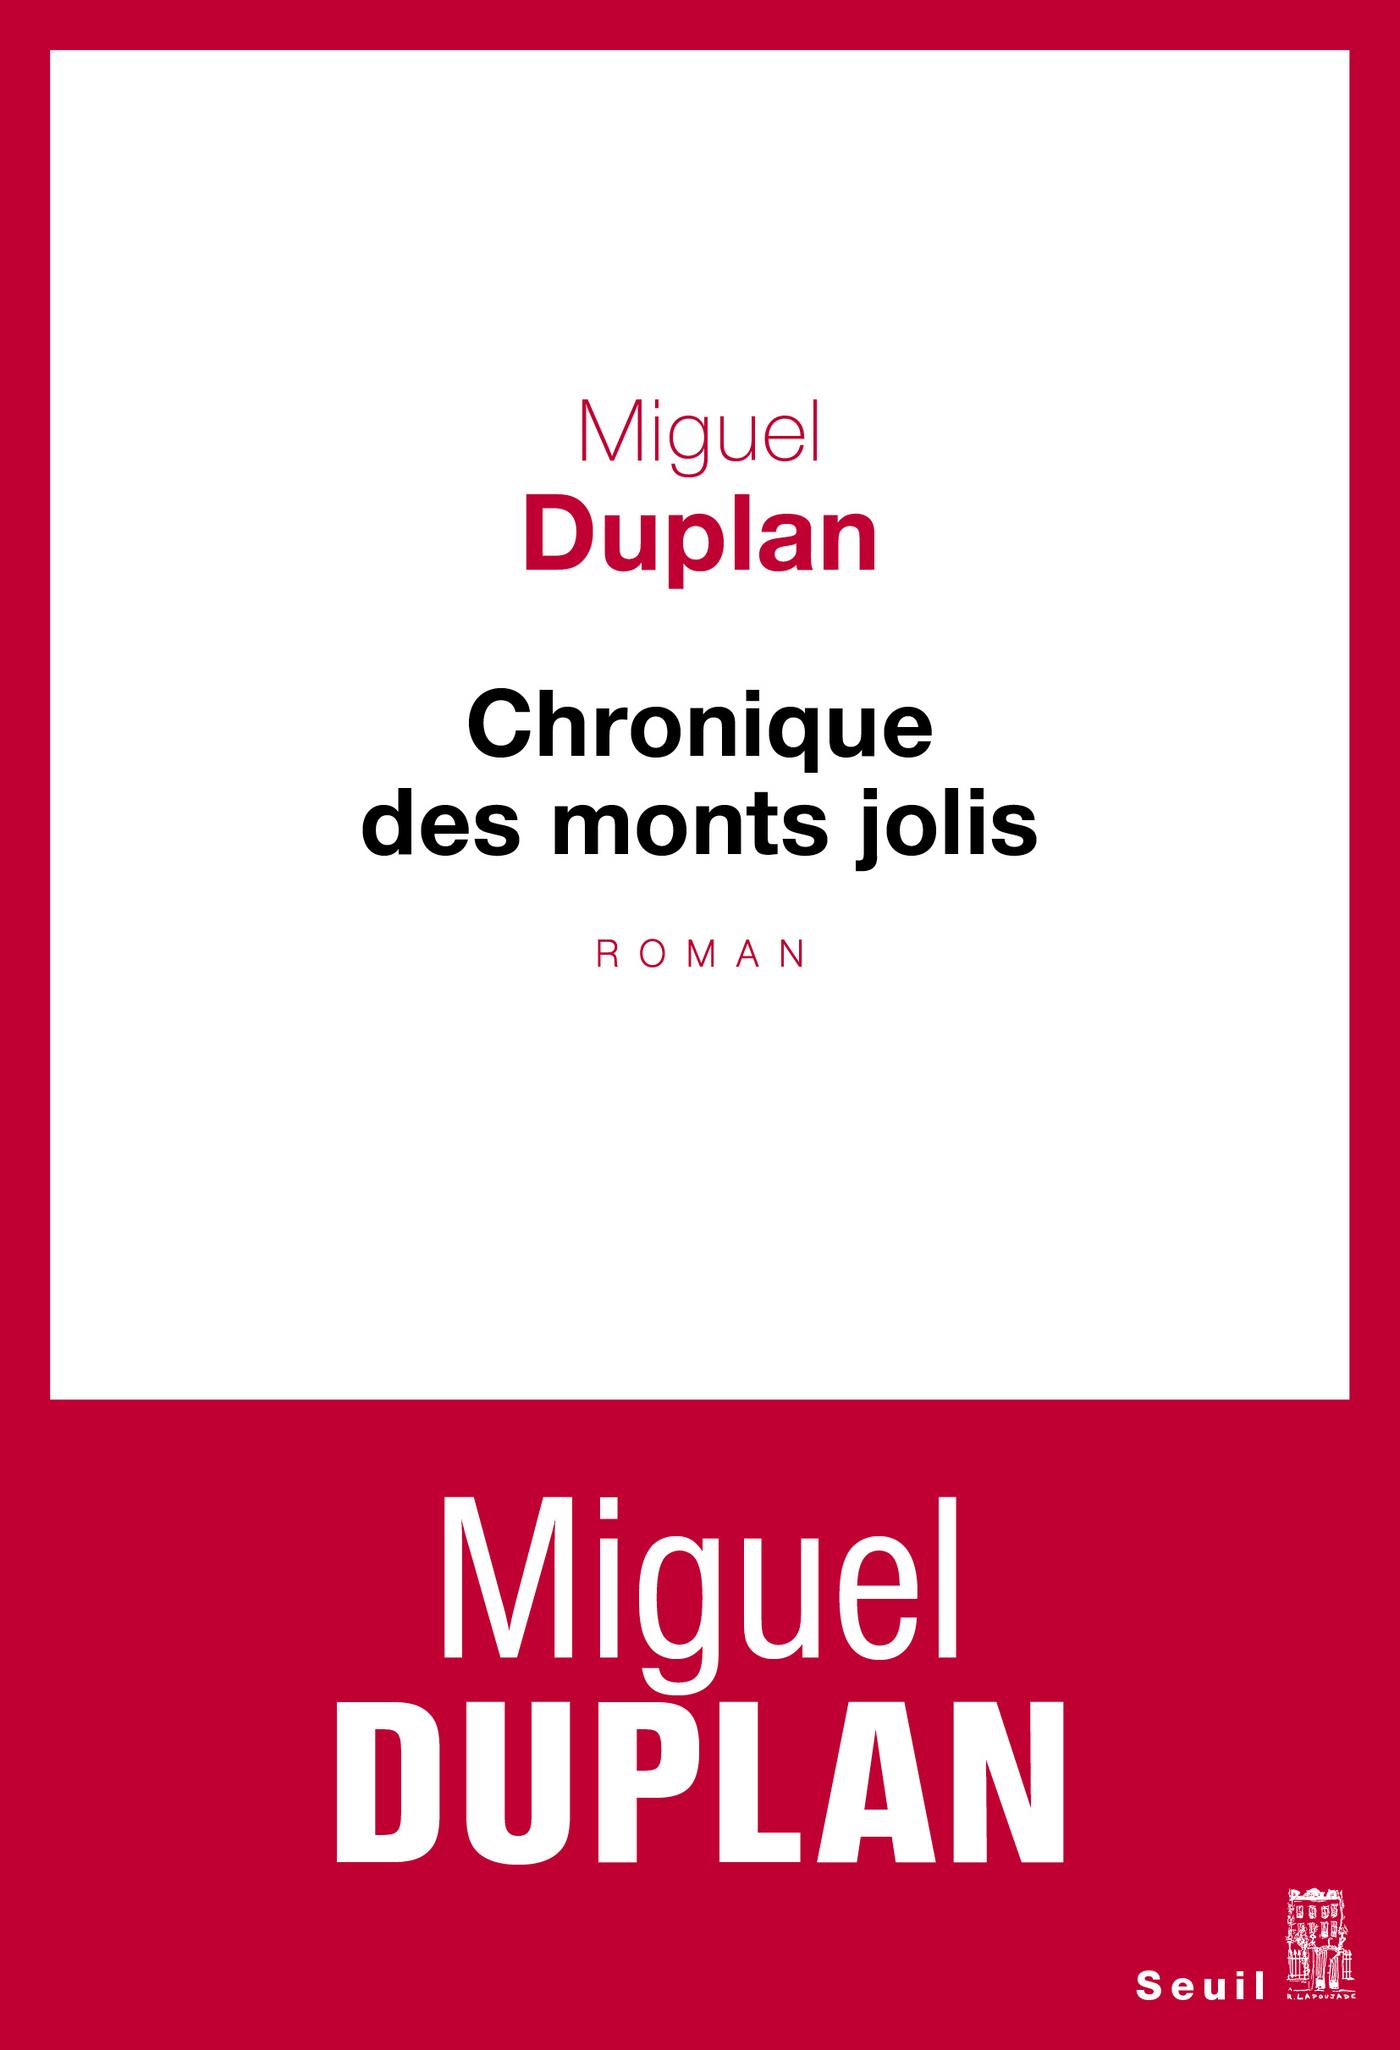 Chronique des monts jolis. Variation romanesque